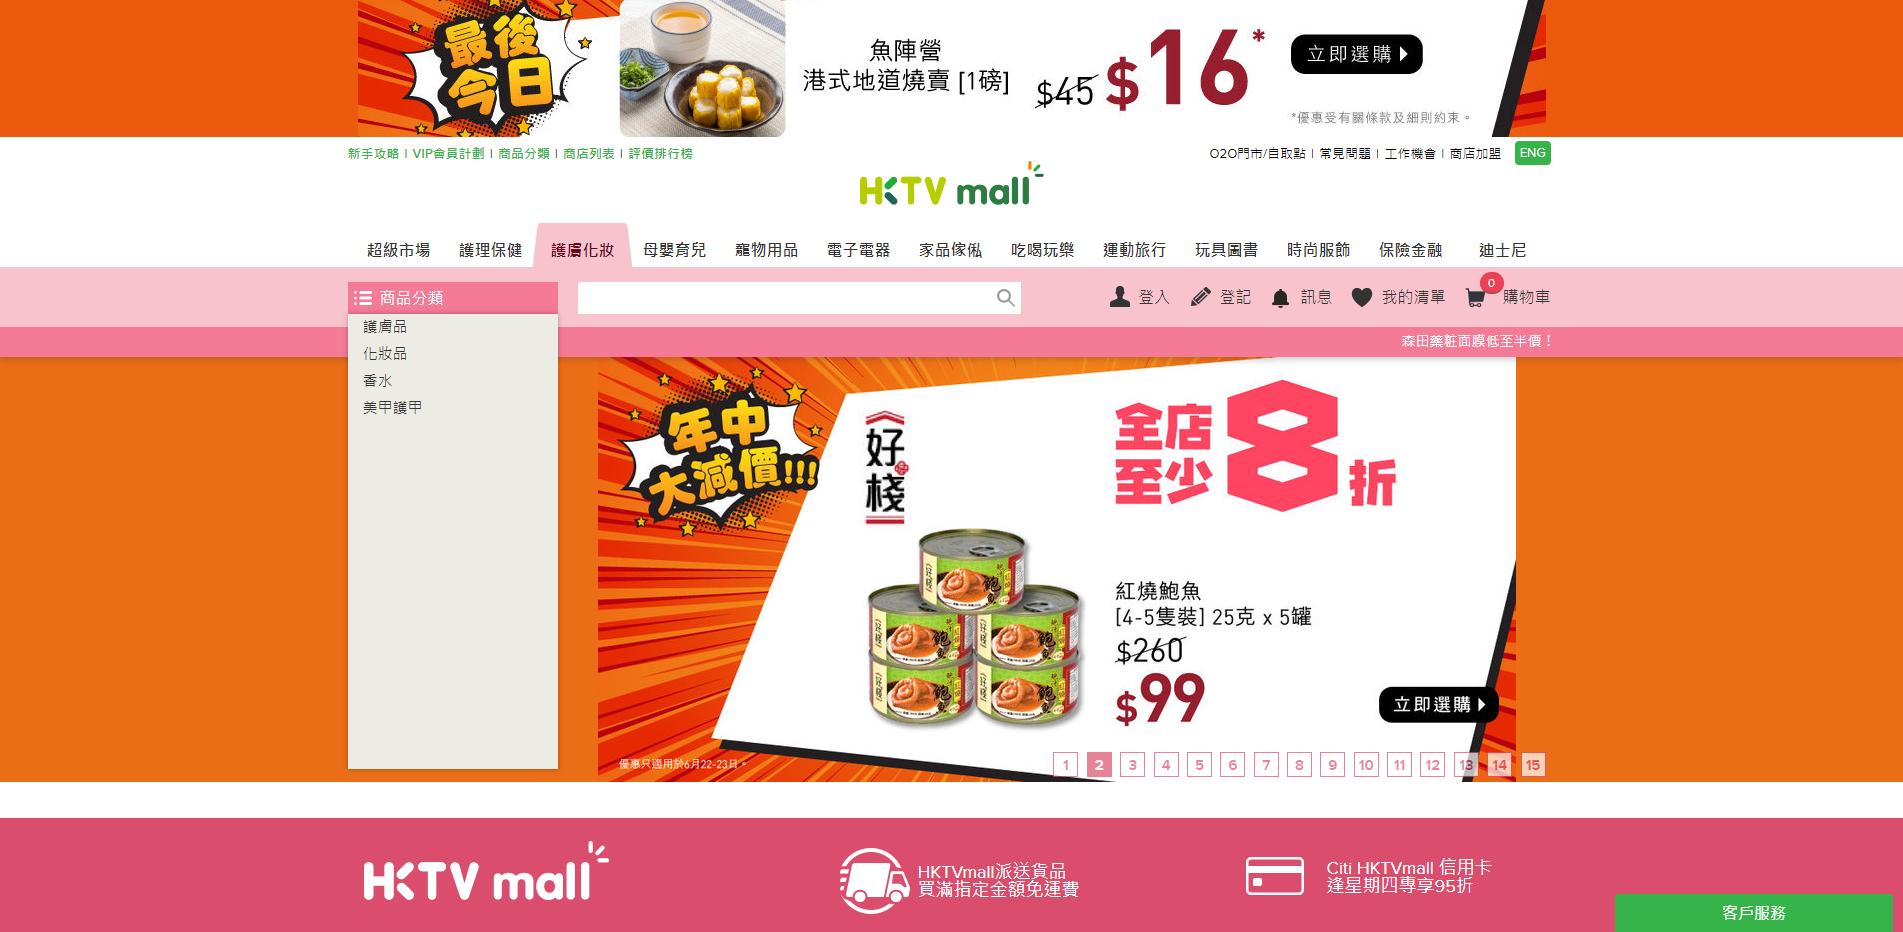 香港主流銷售平台 HKTV mall